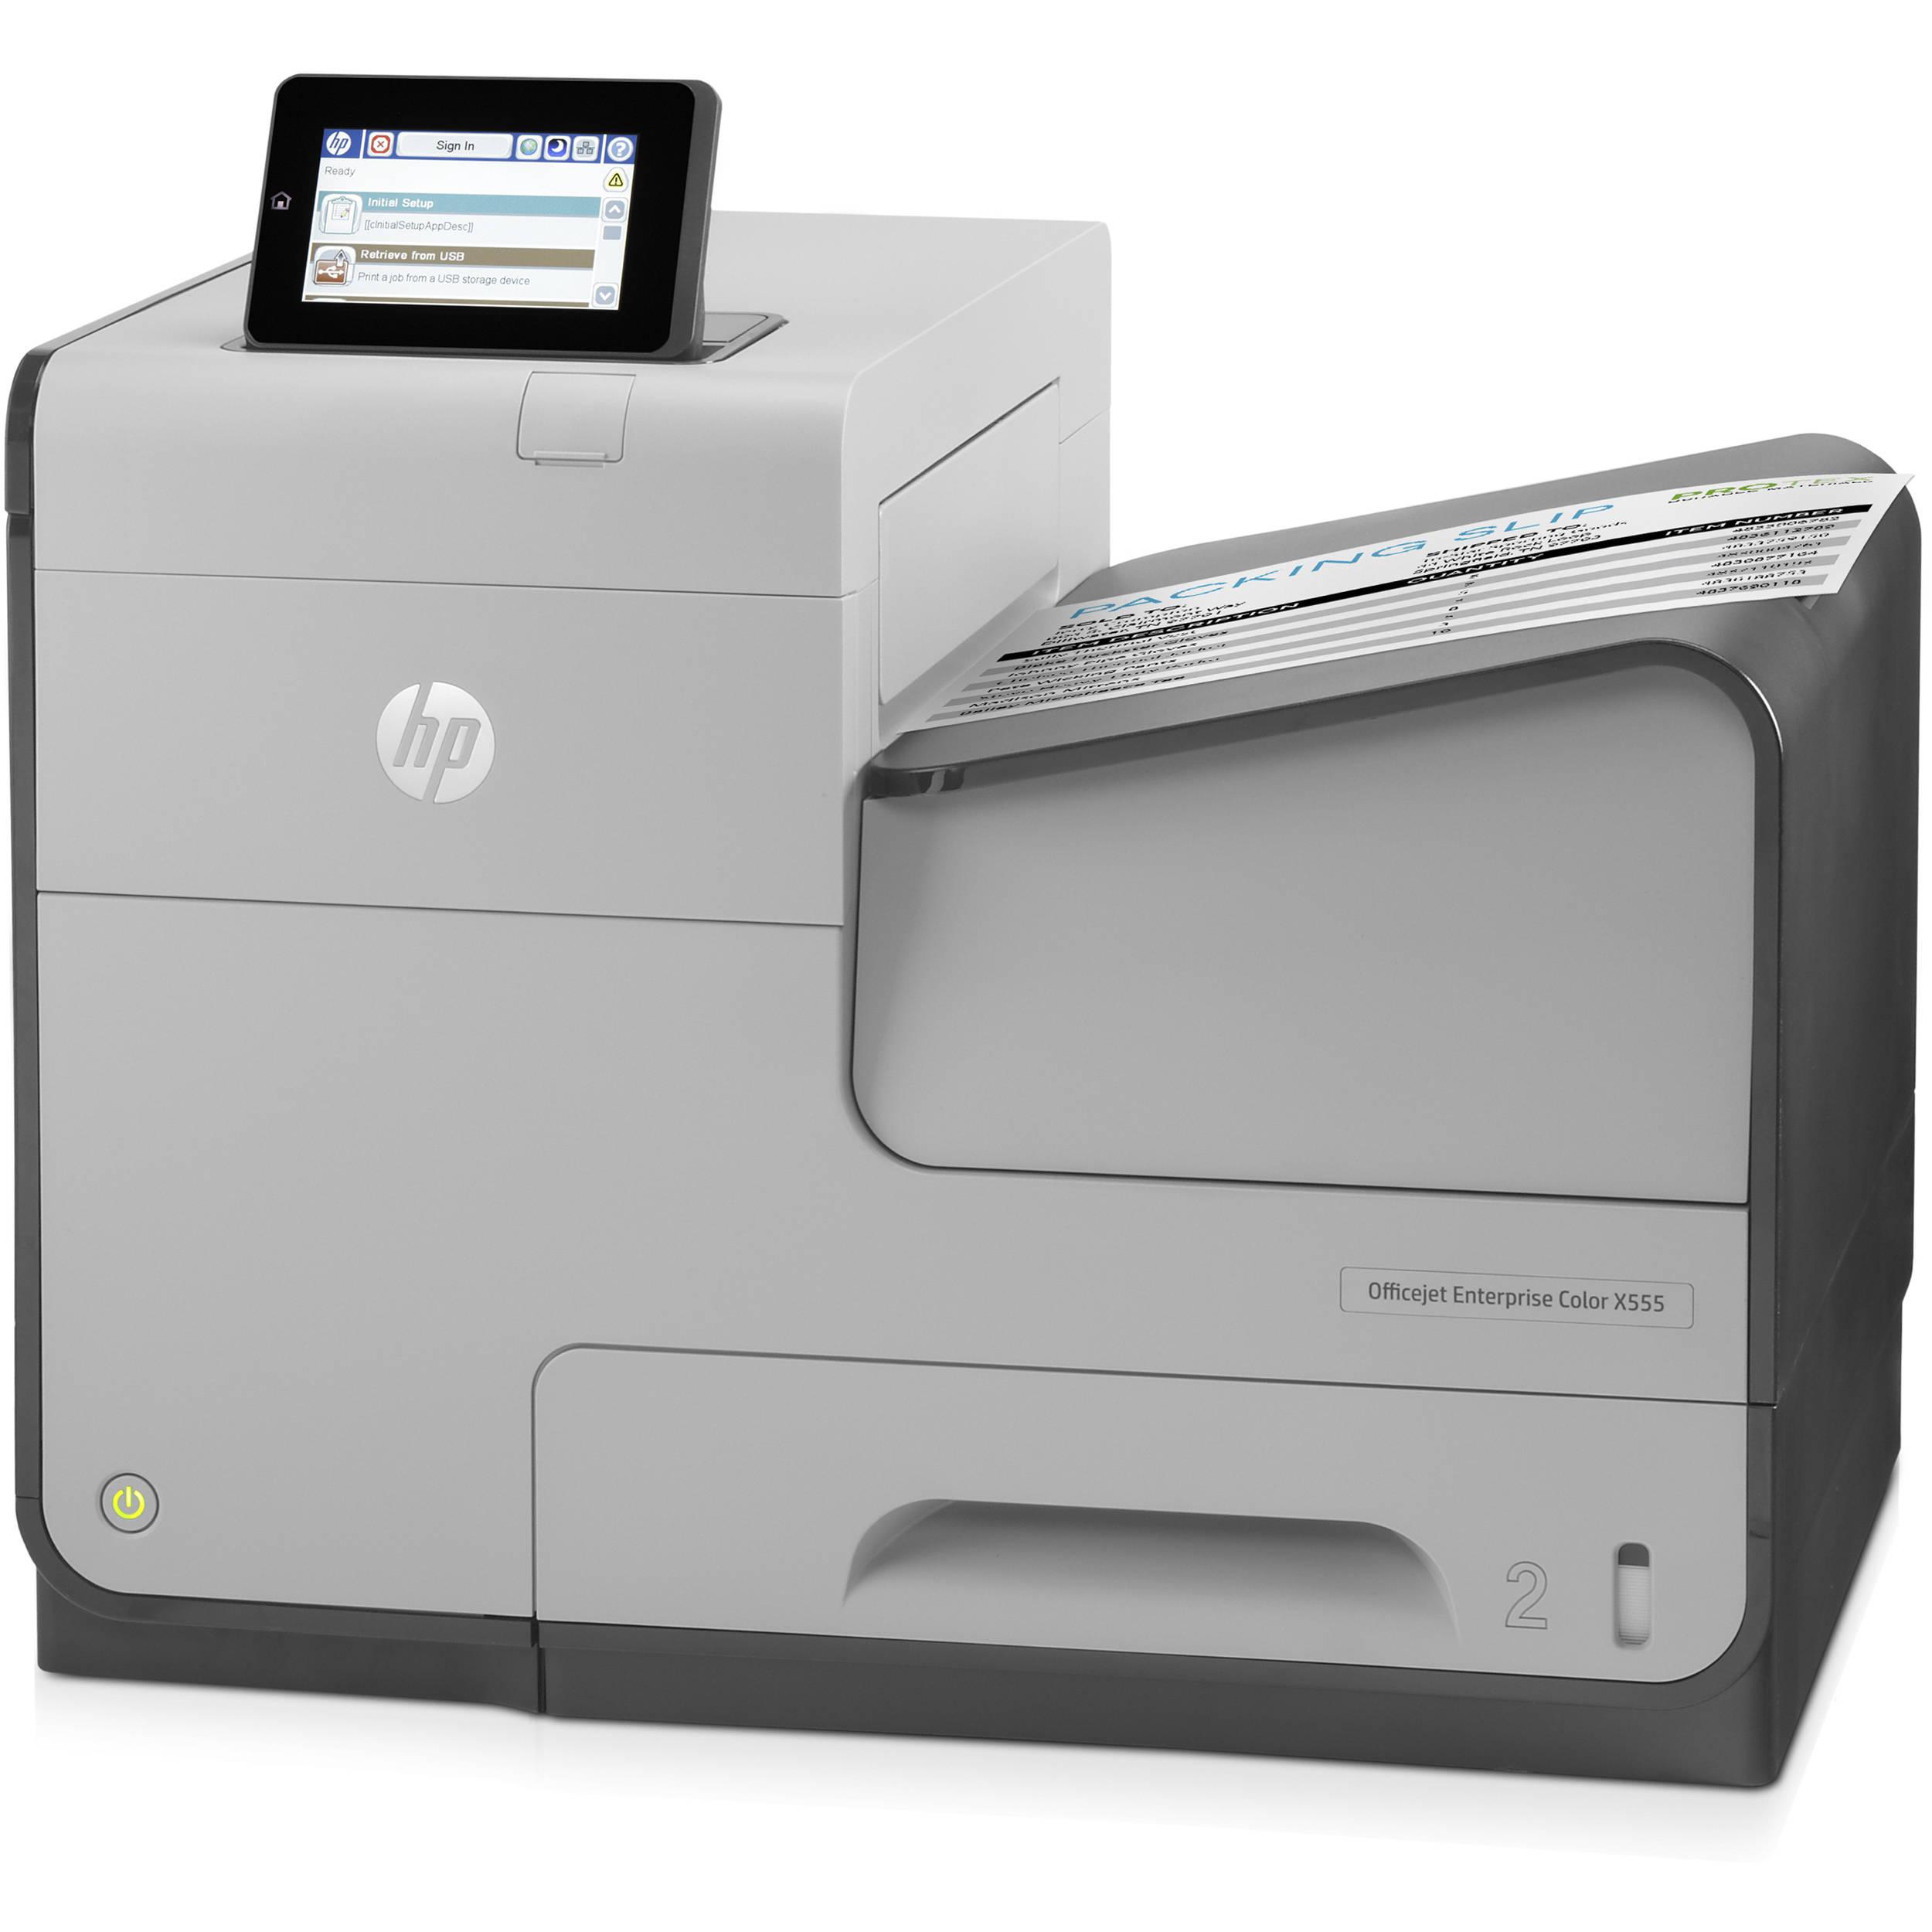 HP Officejet Enterprise X555dn Color Inkjet Printer C2S11ABGJ